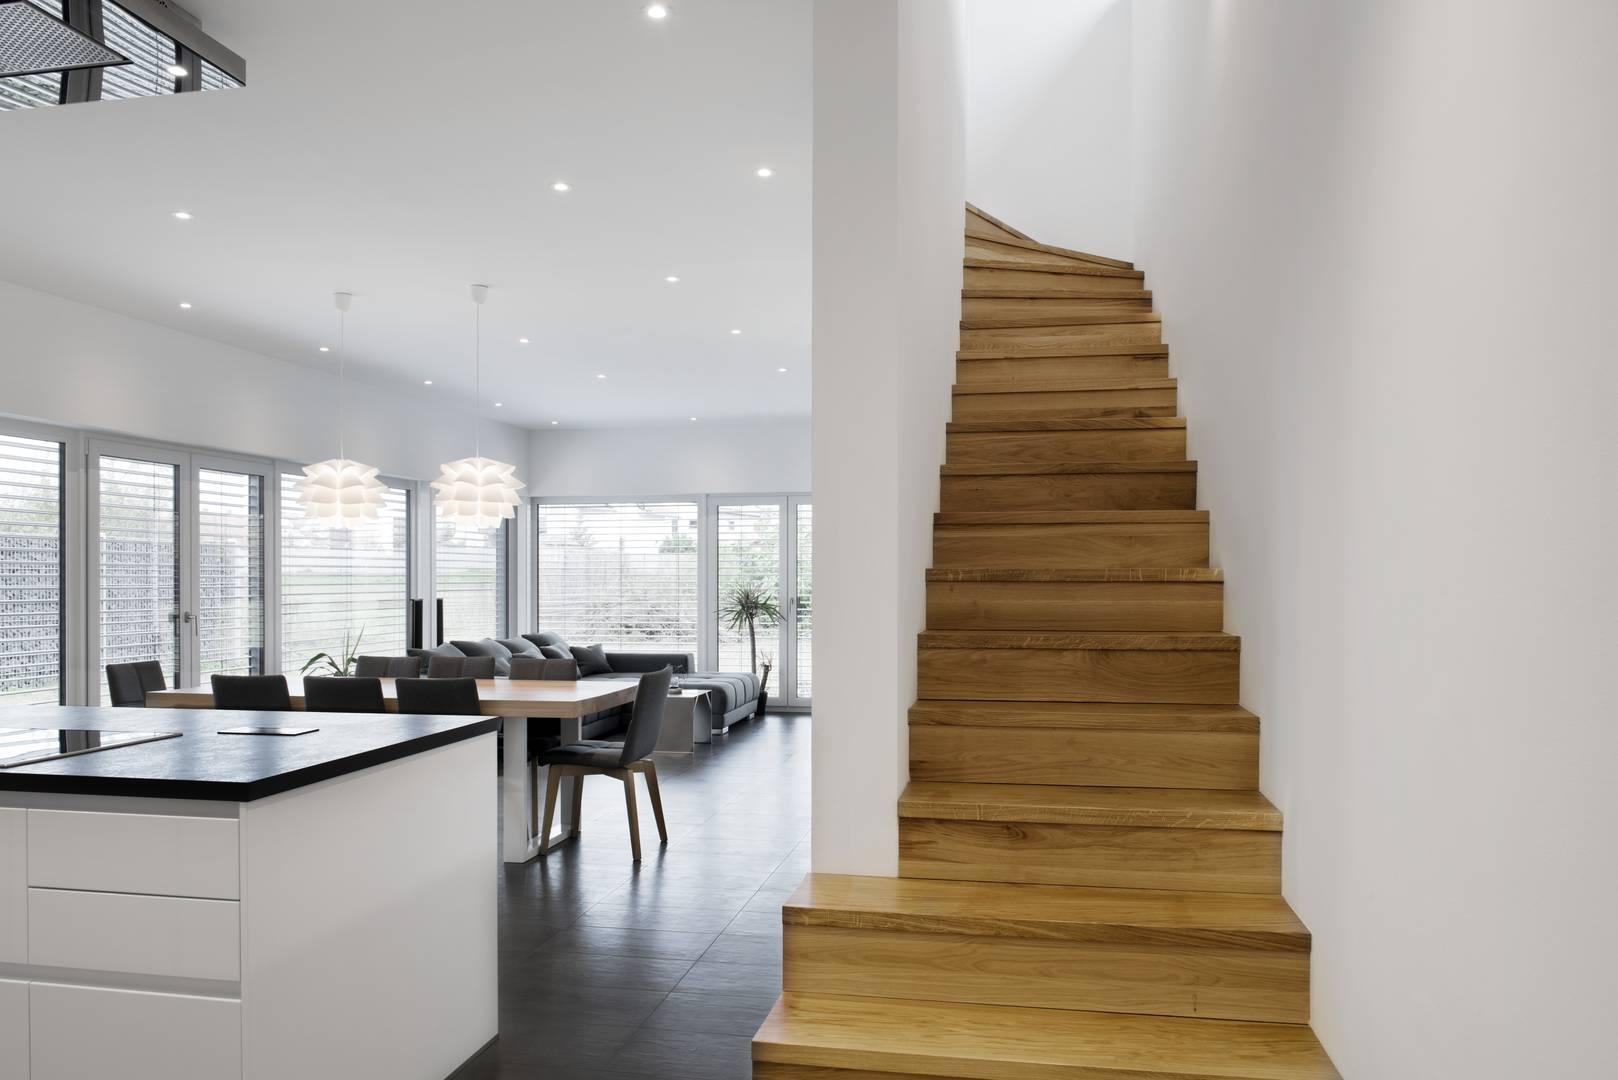 Neubau Low-Budget und Luxus? Einfamilienhaus als KfW 55-Effizienzhaus.